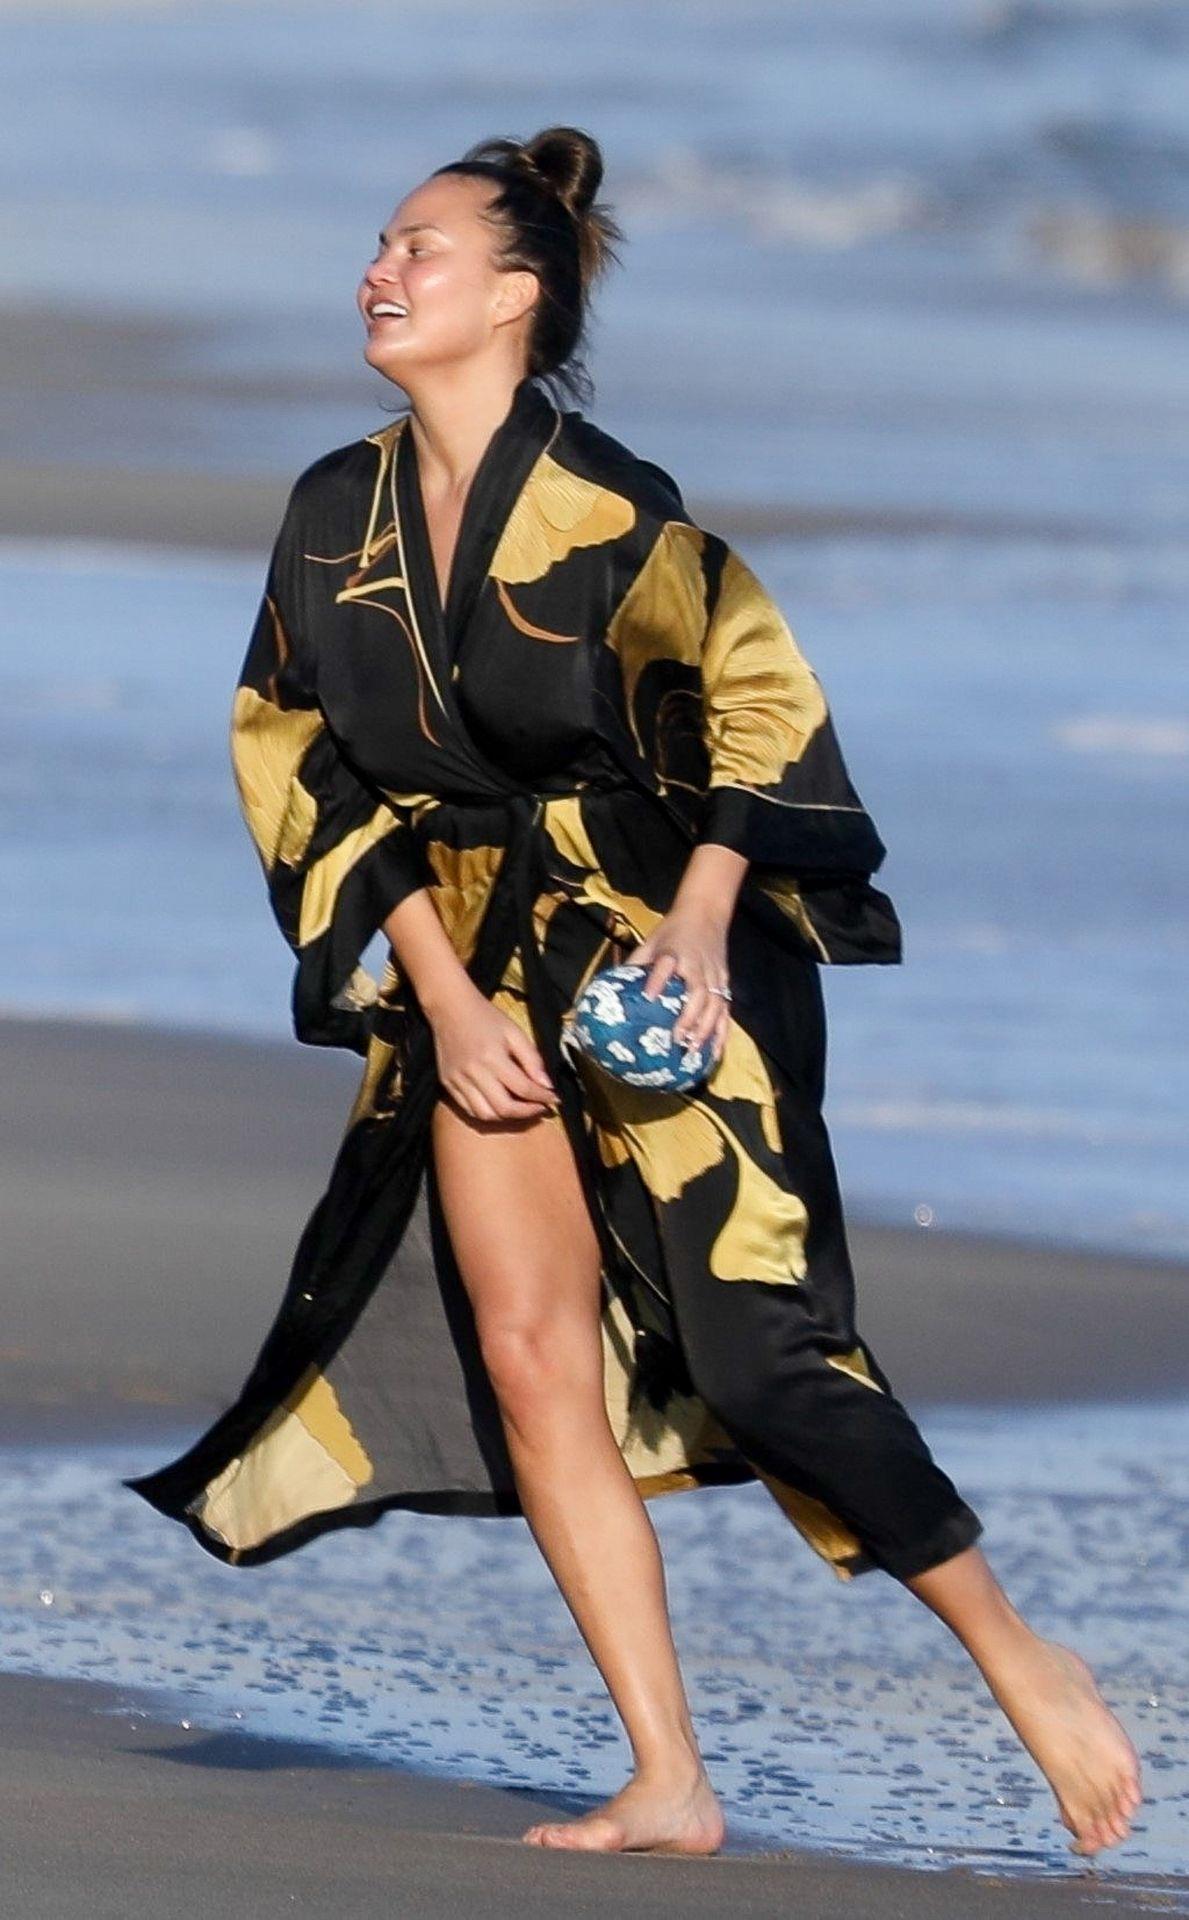 Chrissy Teigen Enjoys A Beach Day In Malibu Amid All Coronavirus Chaos 0045